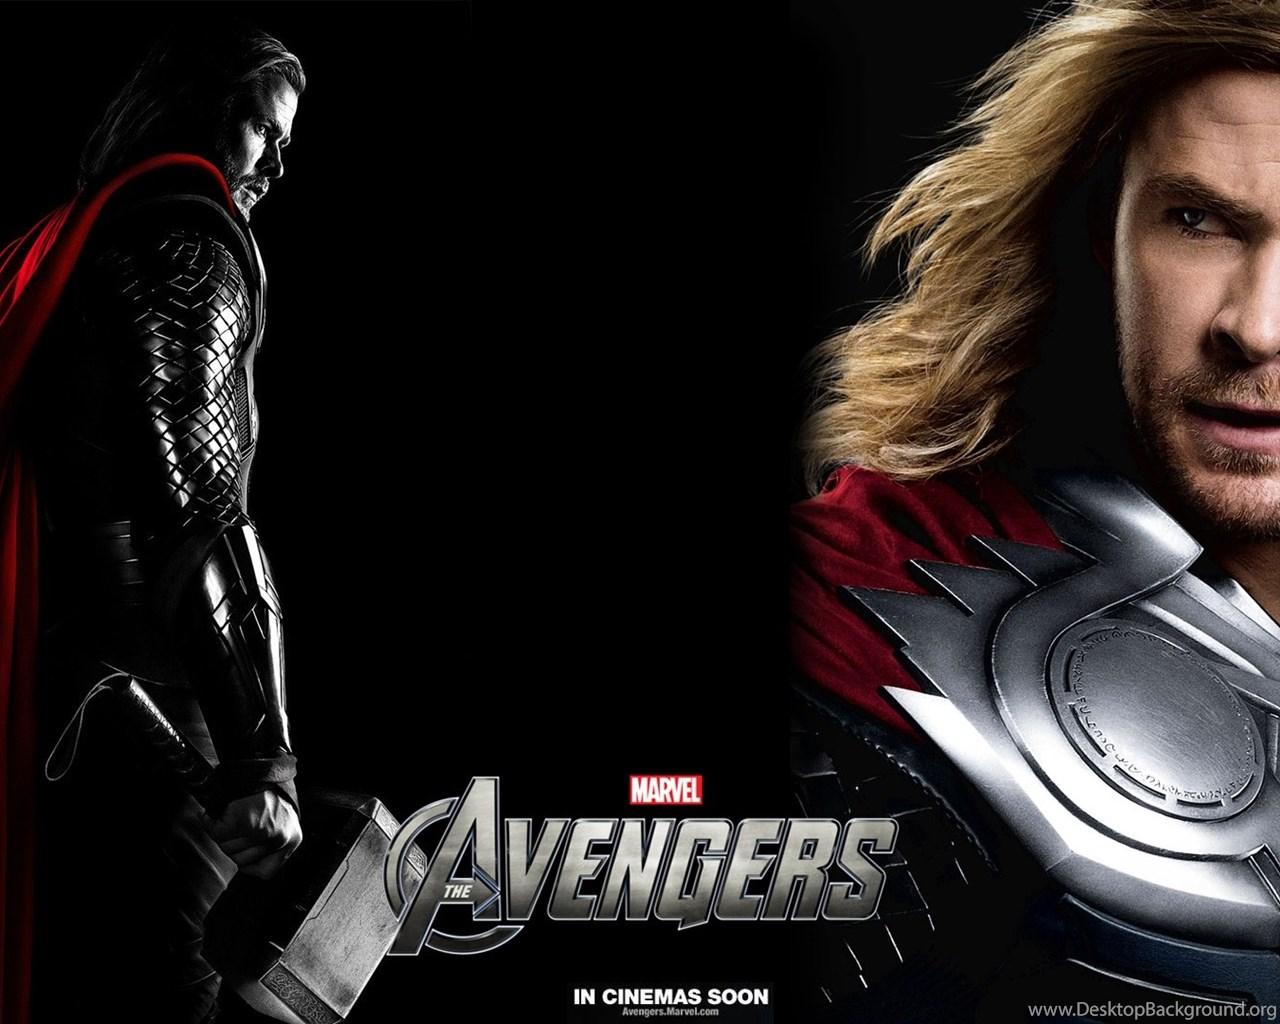 The Avengers Thor Wallpaper Hd Jpg Desktop Background